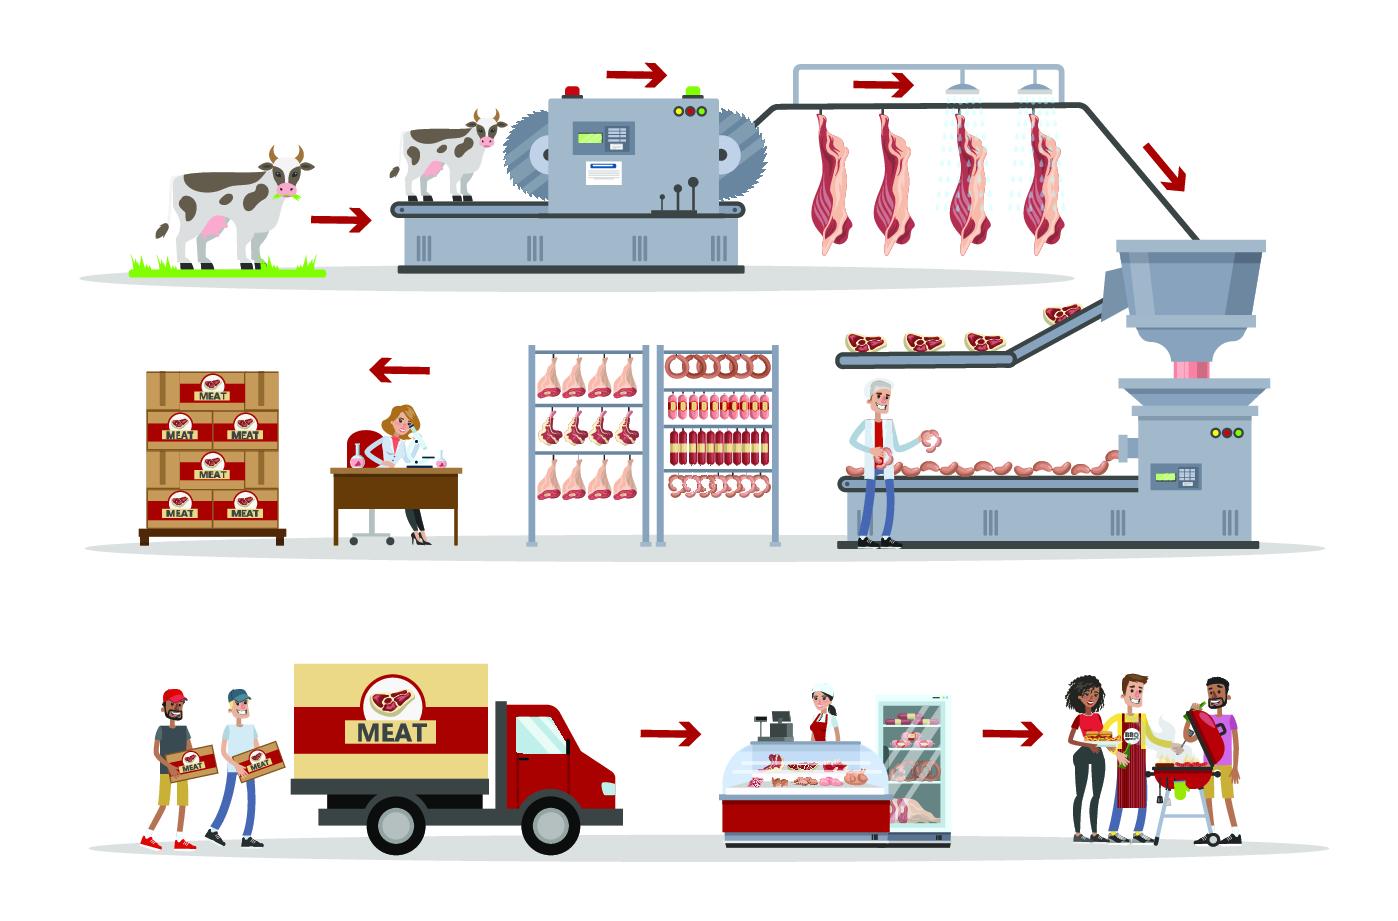 """Prosessert mat er ikke noe nytt, men de utgjør i dag en mye større del av kostholdet enn noen gang. Likevel, prosessert mat er ikke i utgangspunktet skadelig selv om det er behandlet. Her er to årsaker: Først og fremst, begrepet """"prosessert mat"""" er svært bredt, og det kan ikke skjære alle matvarer under samme kniv. Det er forskjell på næringsinnholdet i fryst potetstappe og en søt kjeks, men begge matvarene er prosessert."""